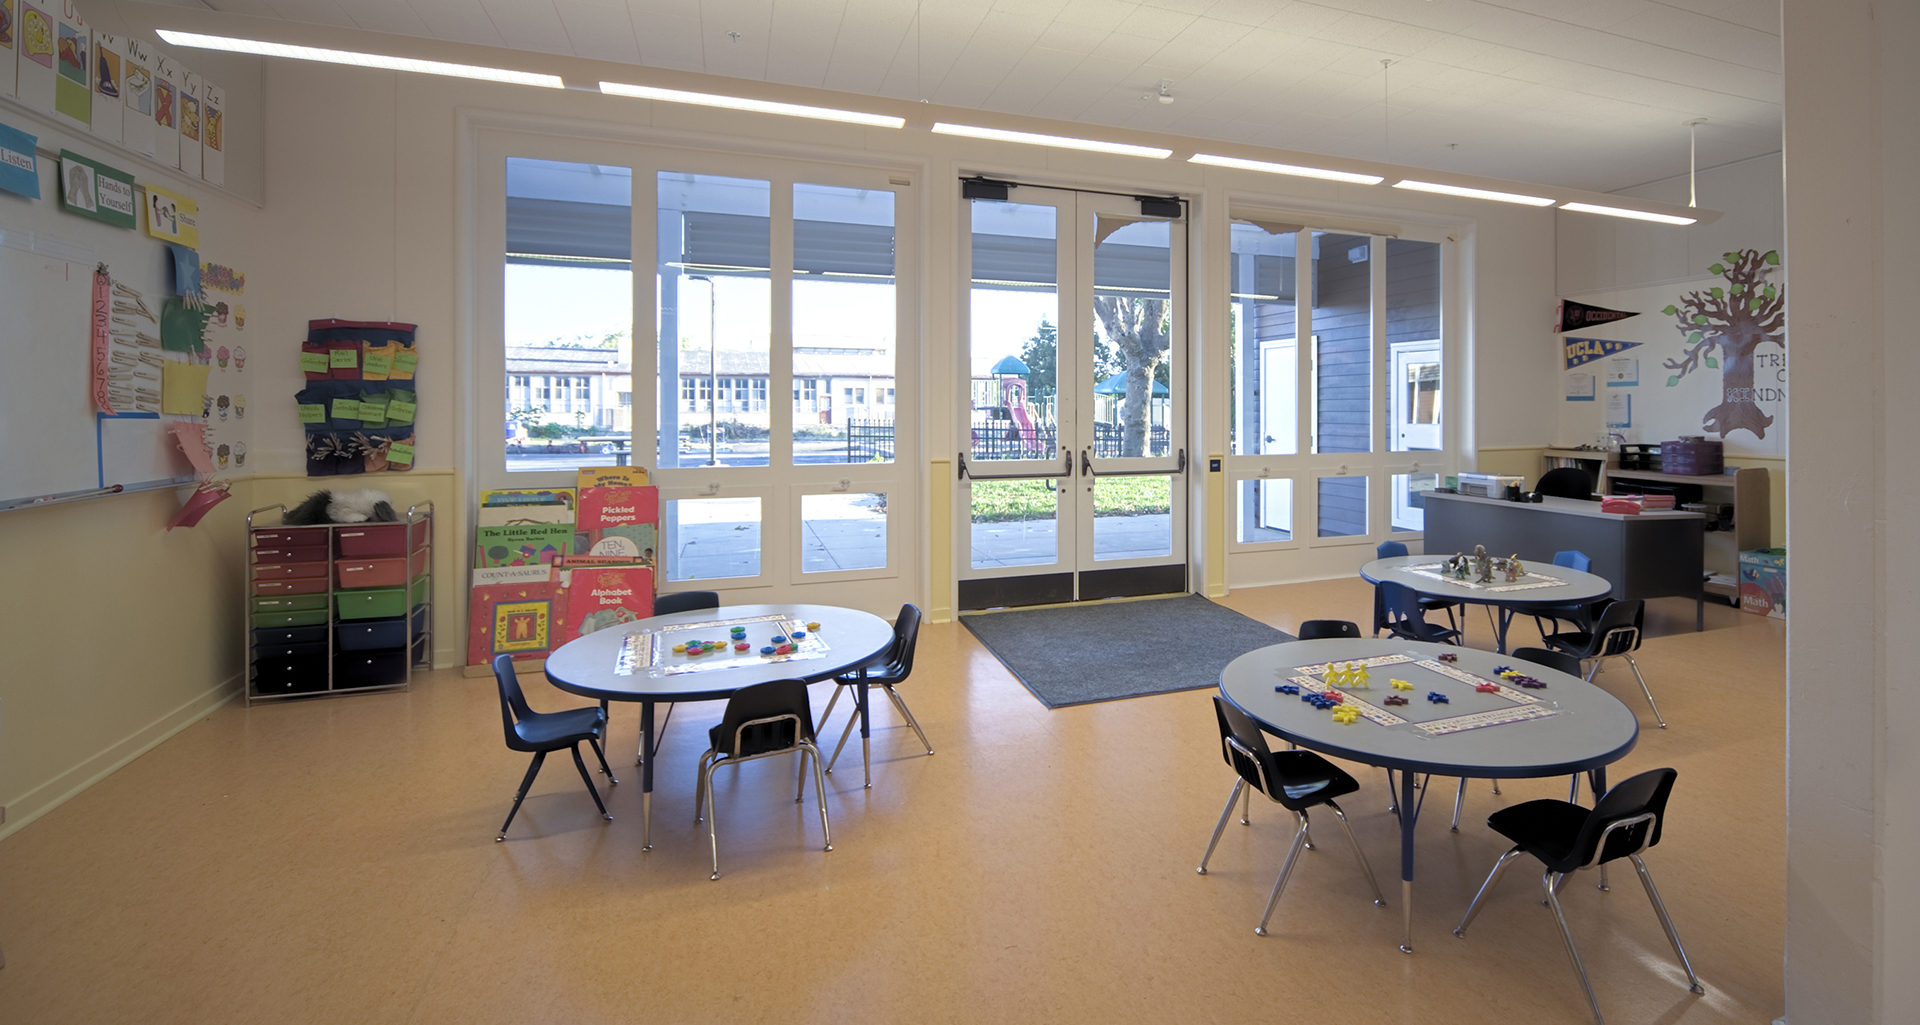 Maritime Child Development Center | Photos by Eric Chiu